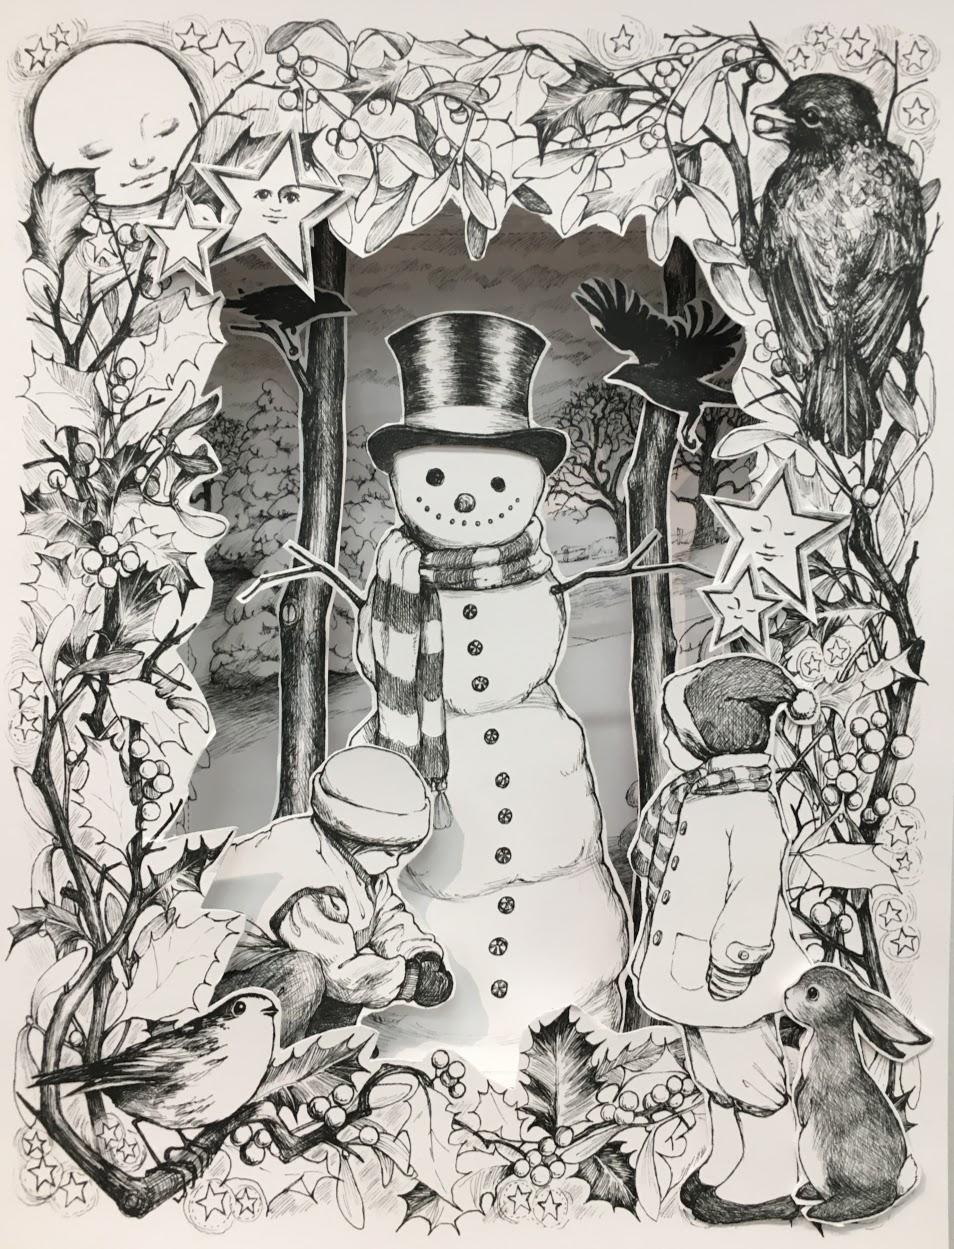 Snowman shadowbox, assembled